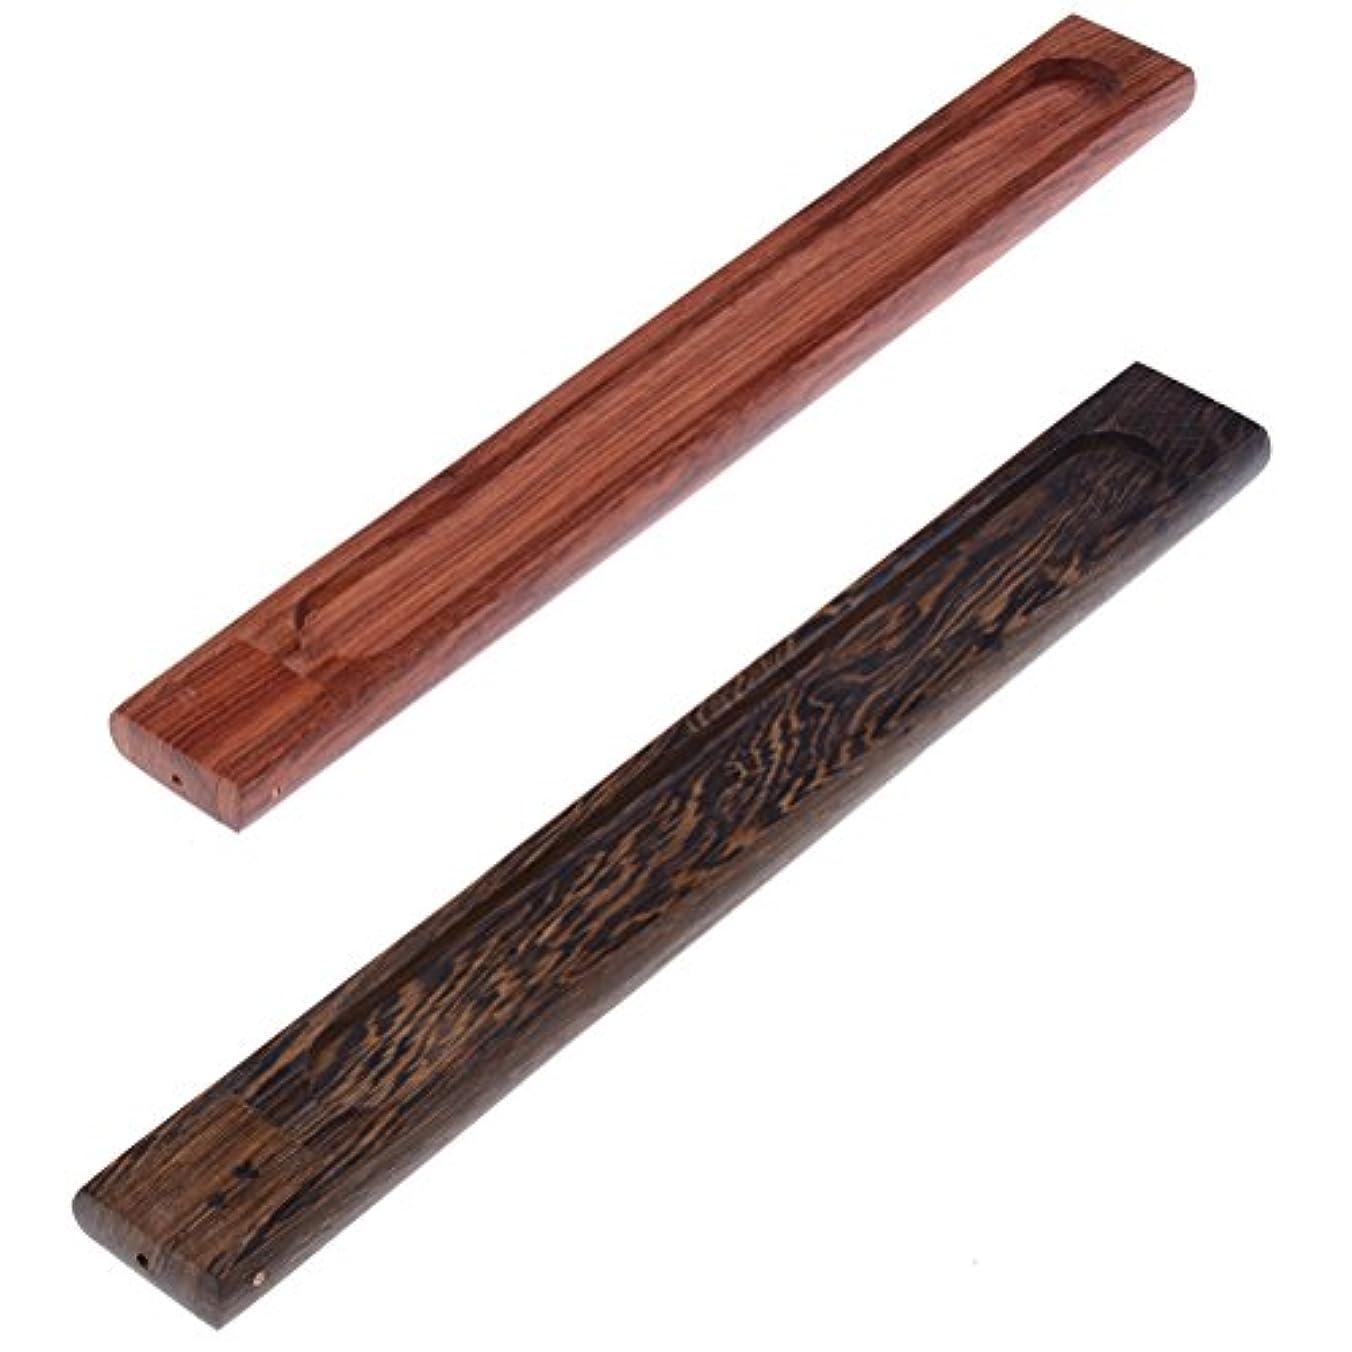 チャームフロンティアビーチyiphates 2ピース木製香炉スティックホルダーAshキャッチャー木製トレイwith Adjustable Incense Stick Holder